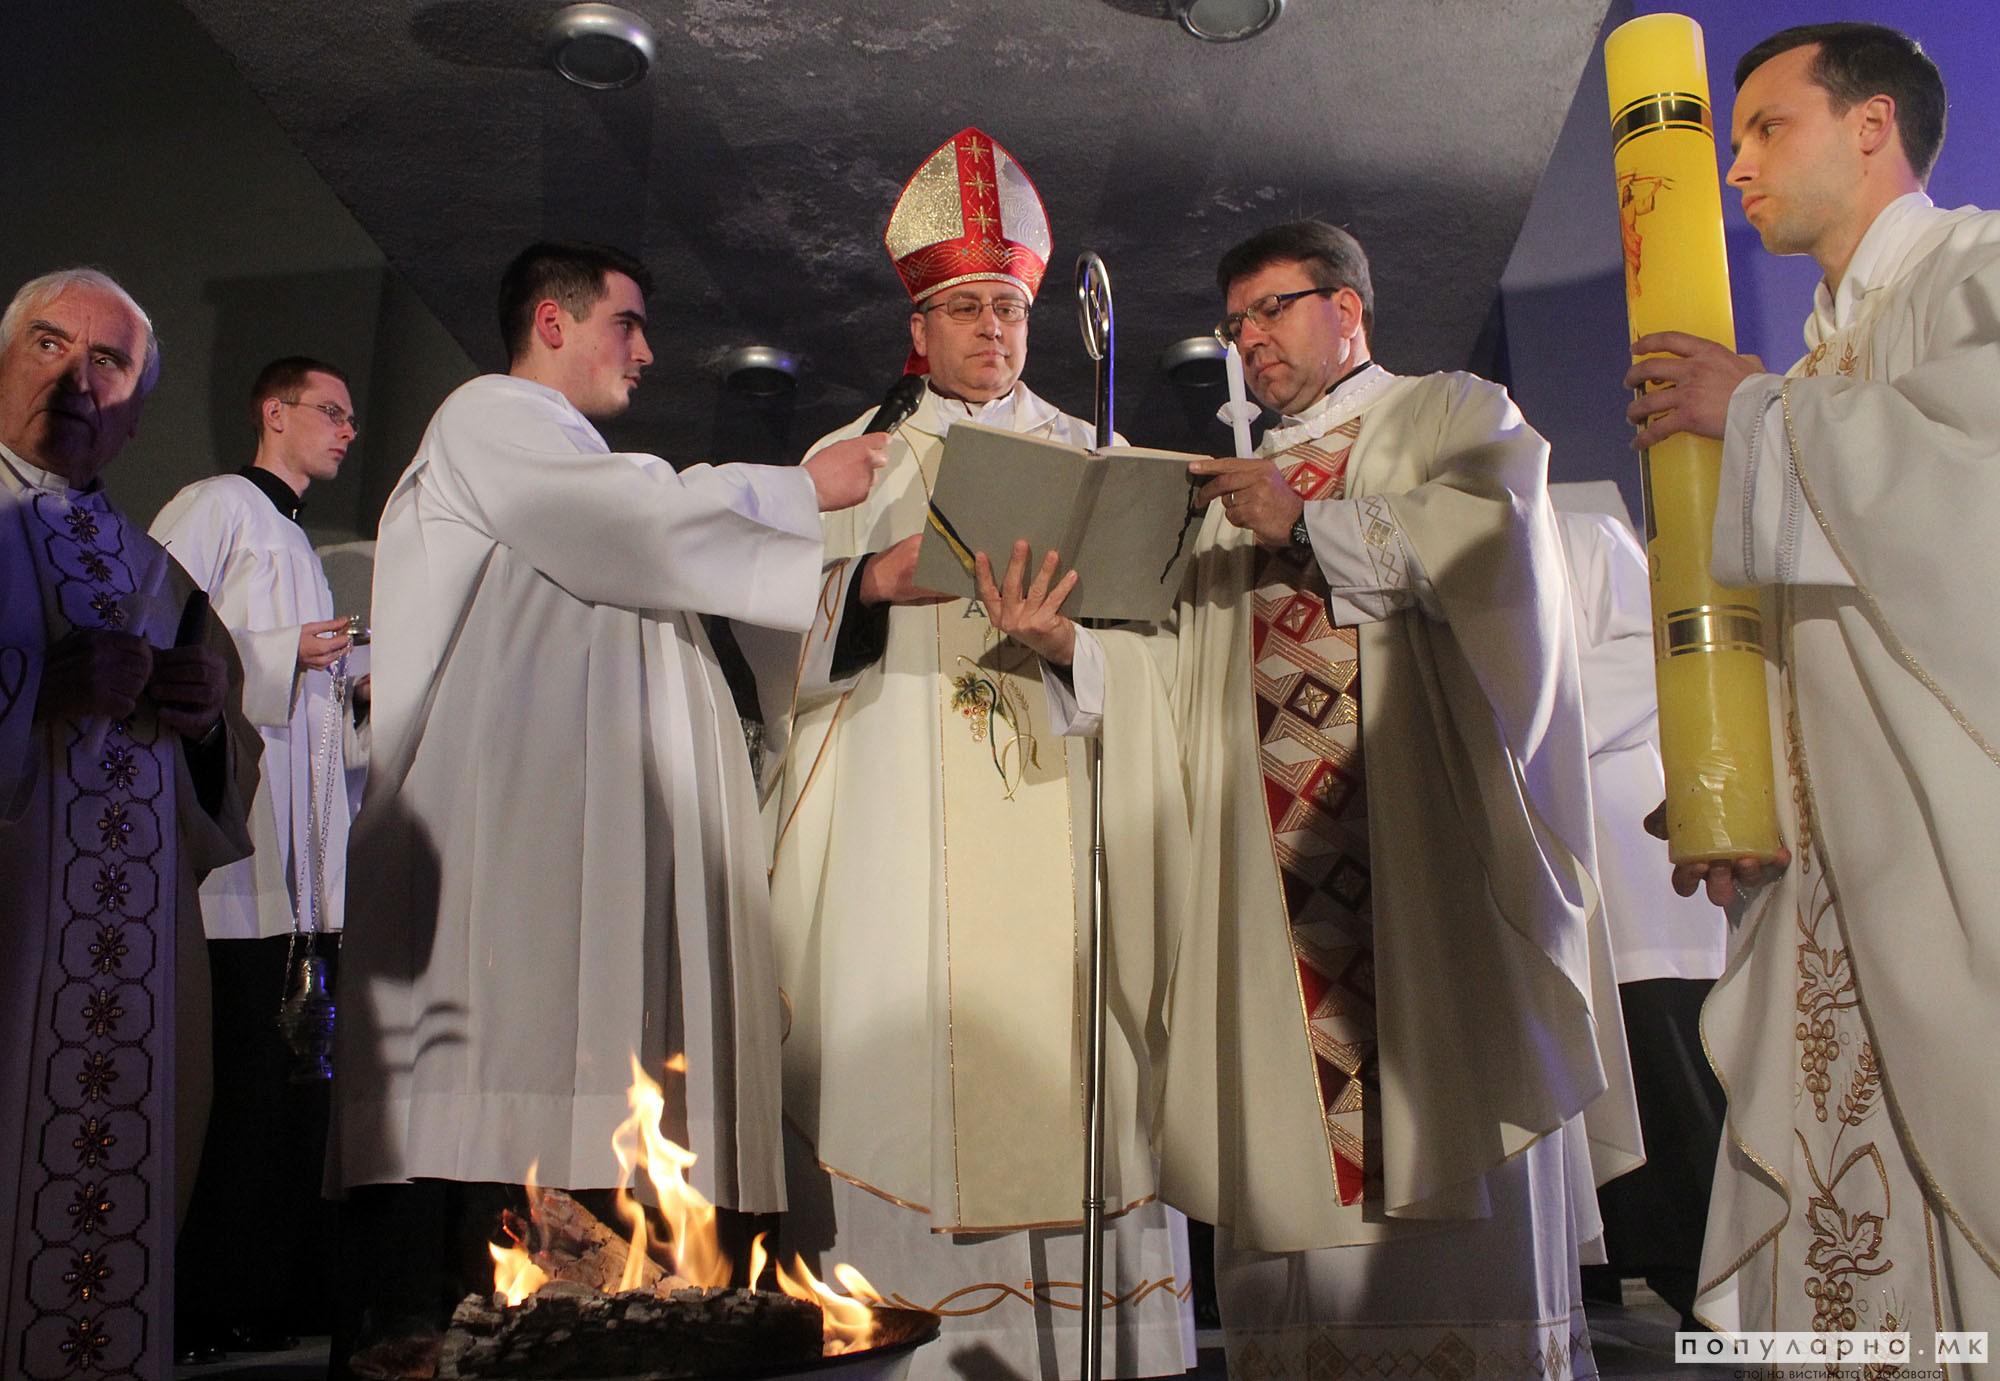 ФОТО: Католиците го слават најголемиот христијански празник Воскресение Христово - Велигден